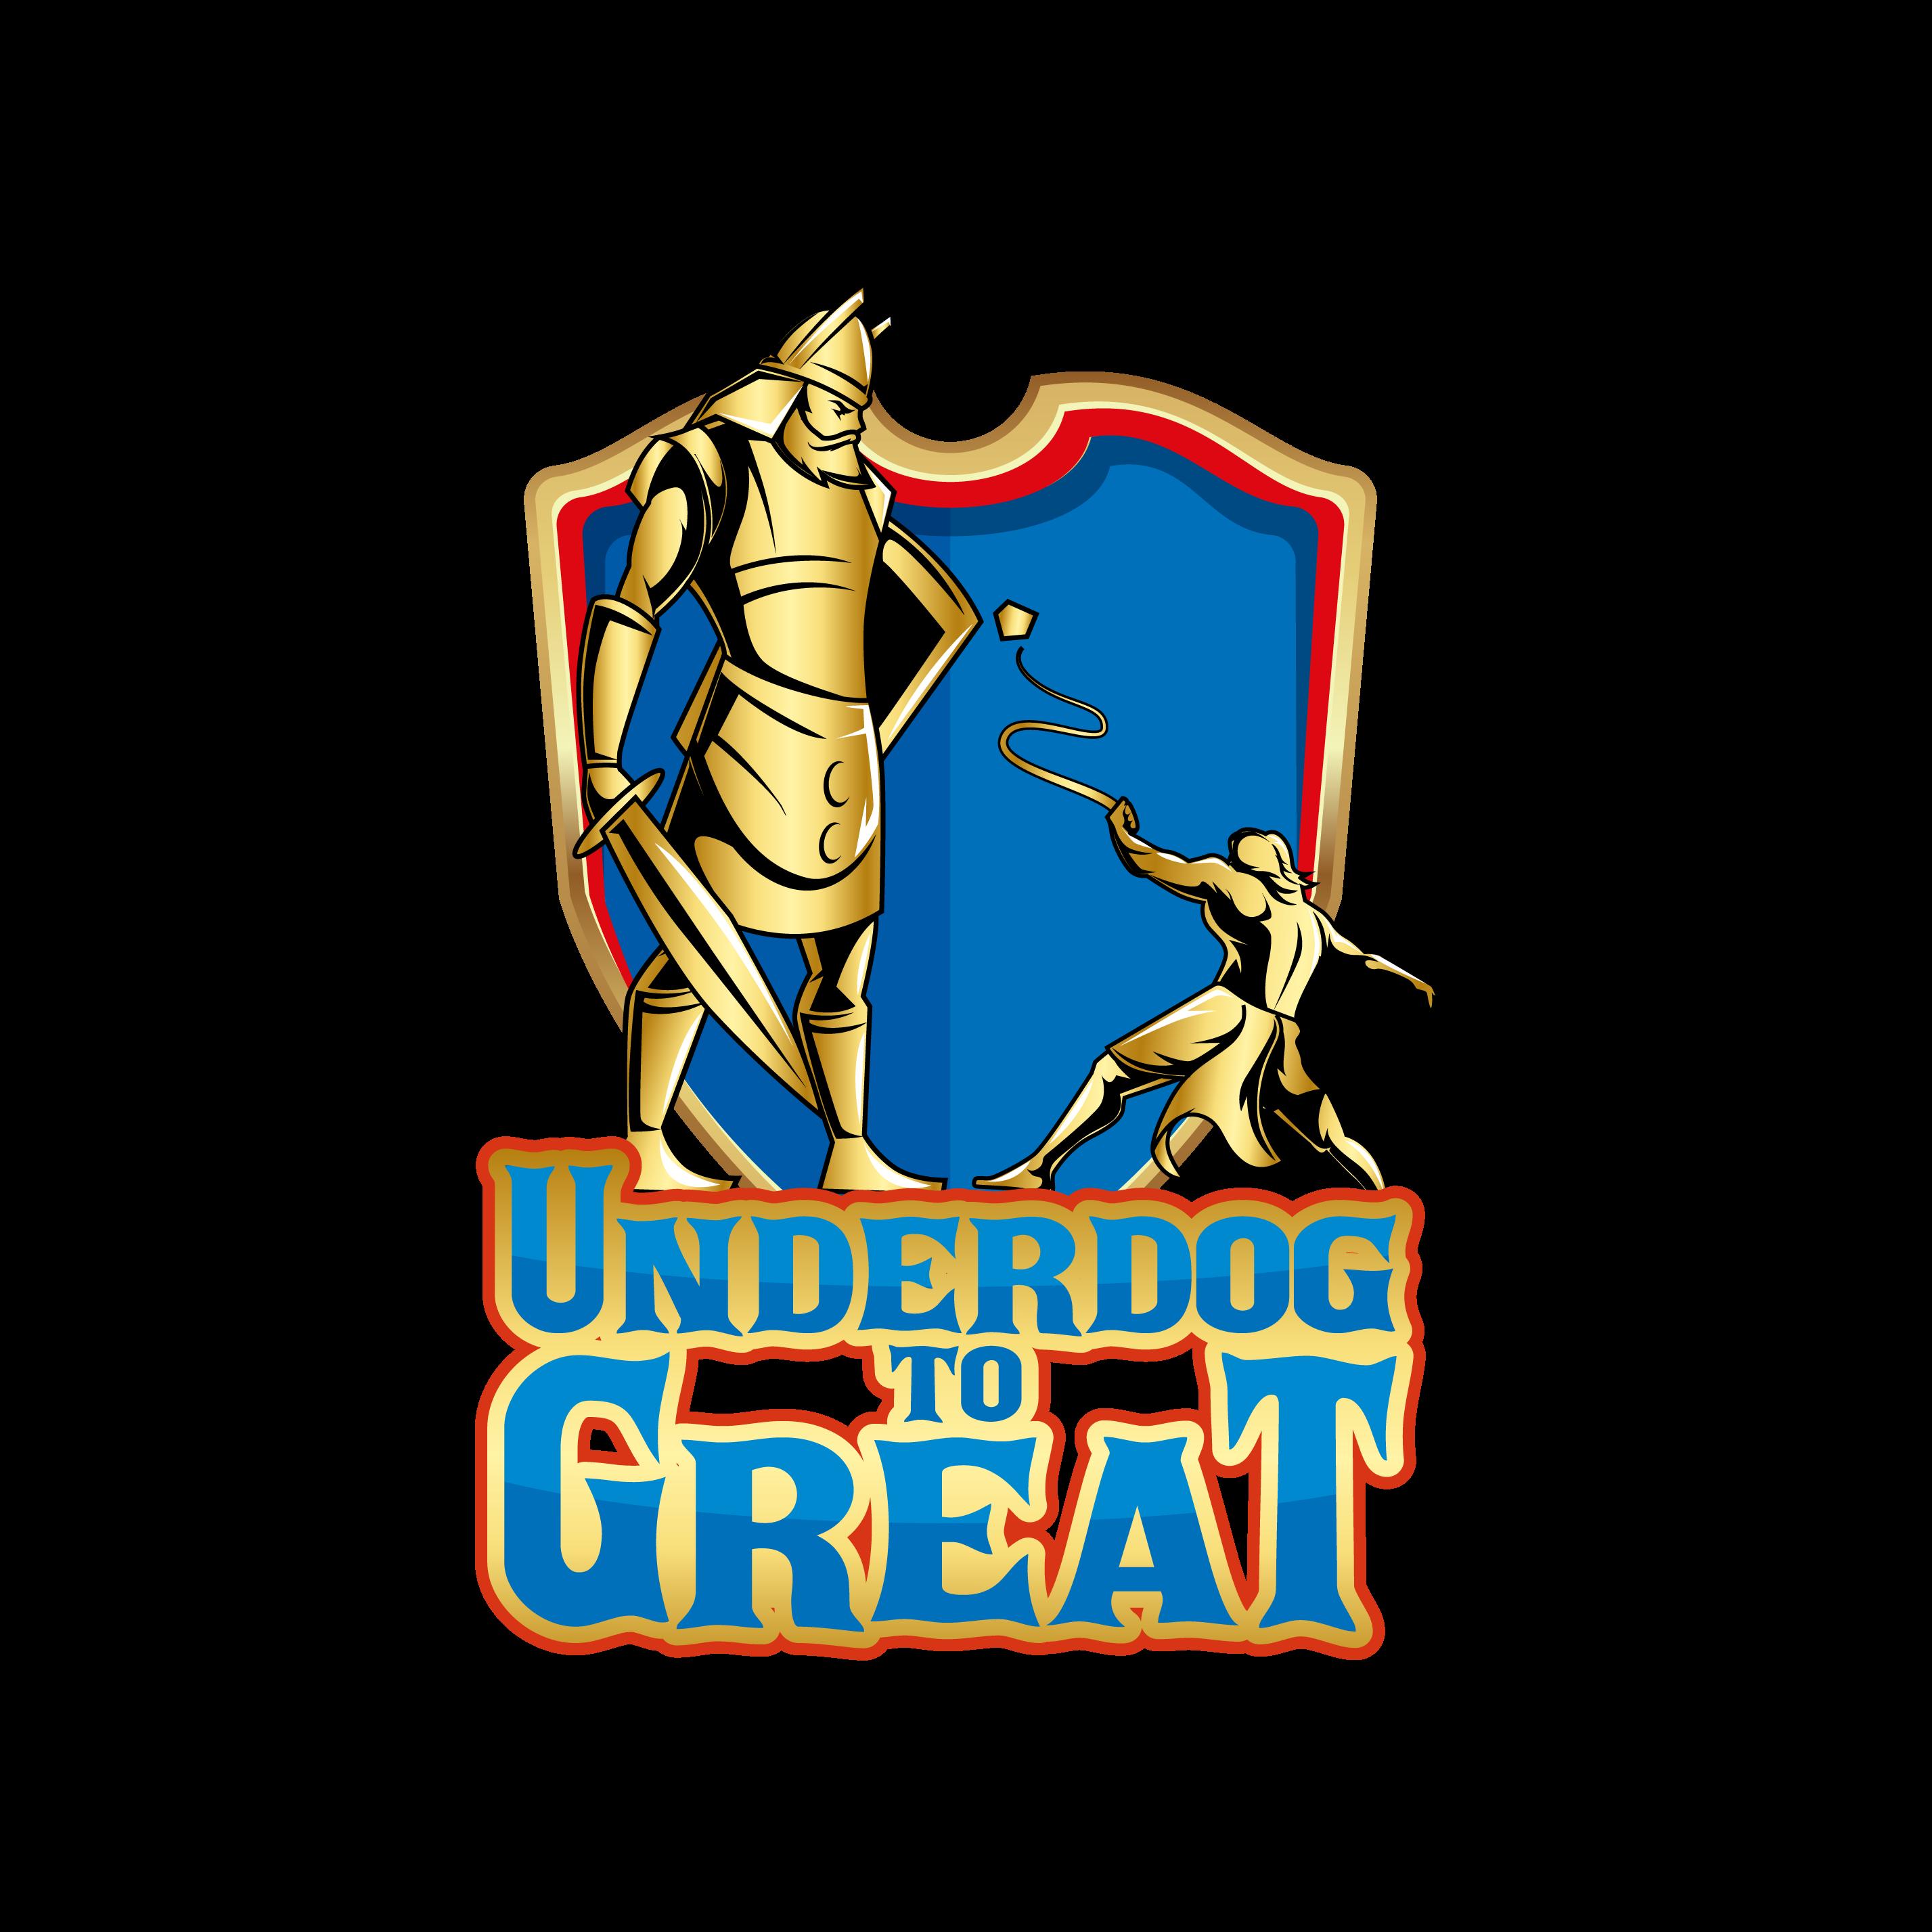 Underdog to Great